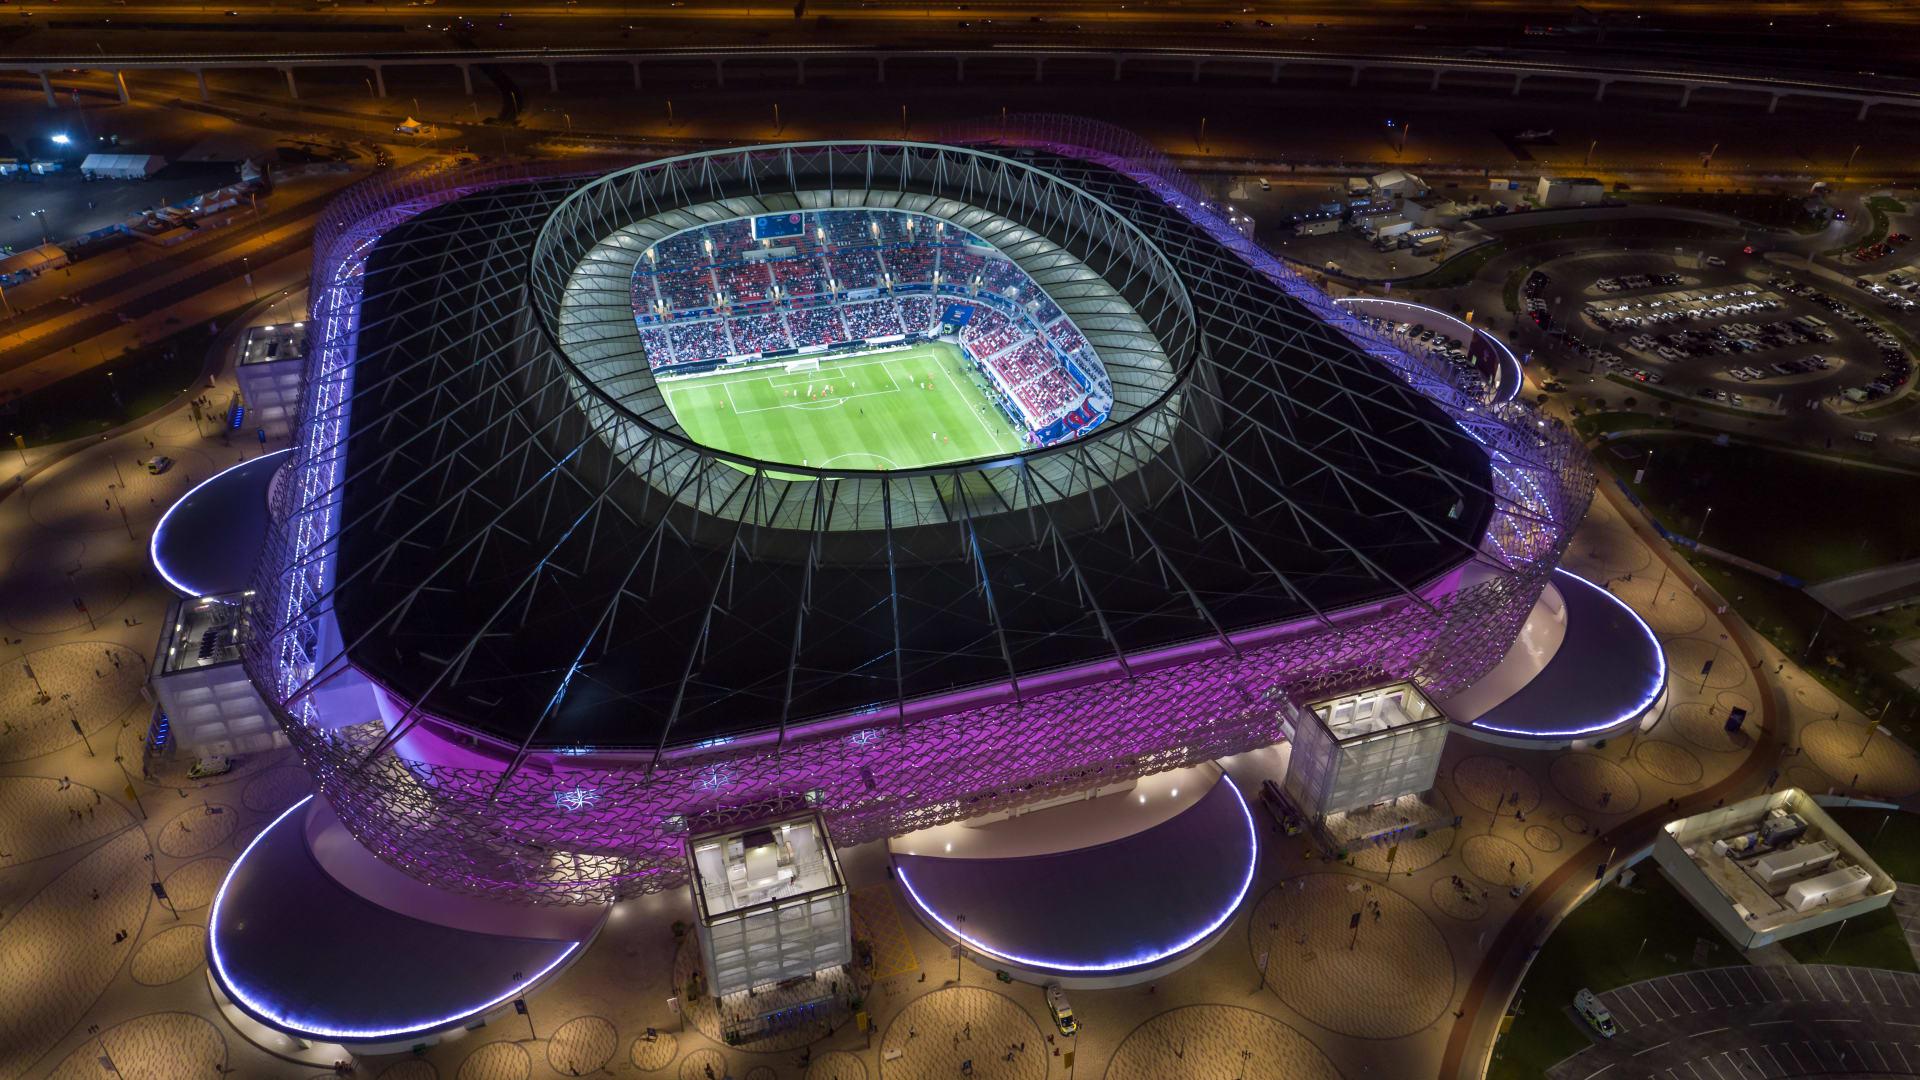 قطر تعلن عدم السماح بدخول الجماهير ملاعب كأس العالم دون تلقي لقاح كورونا